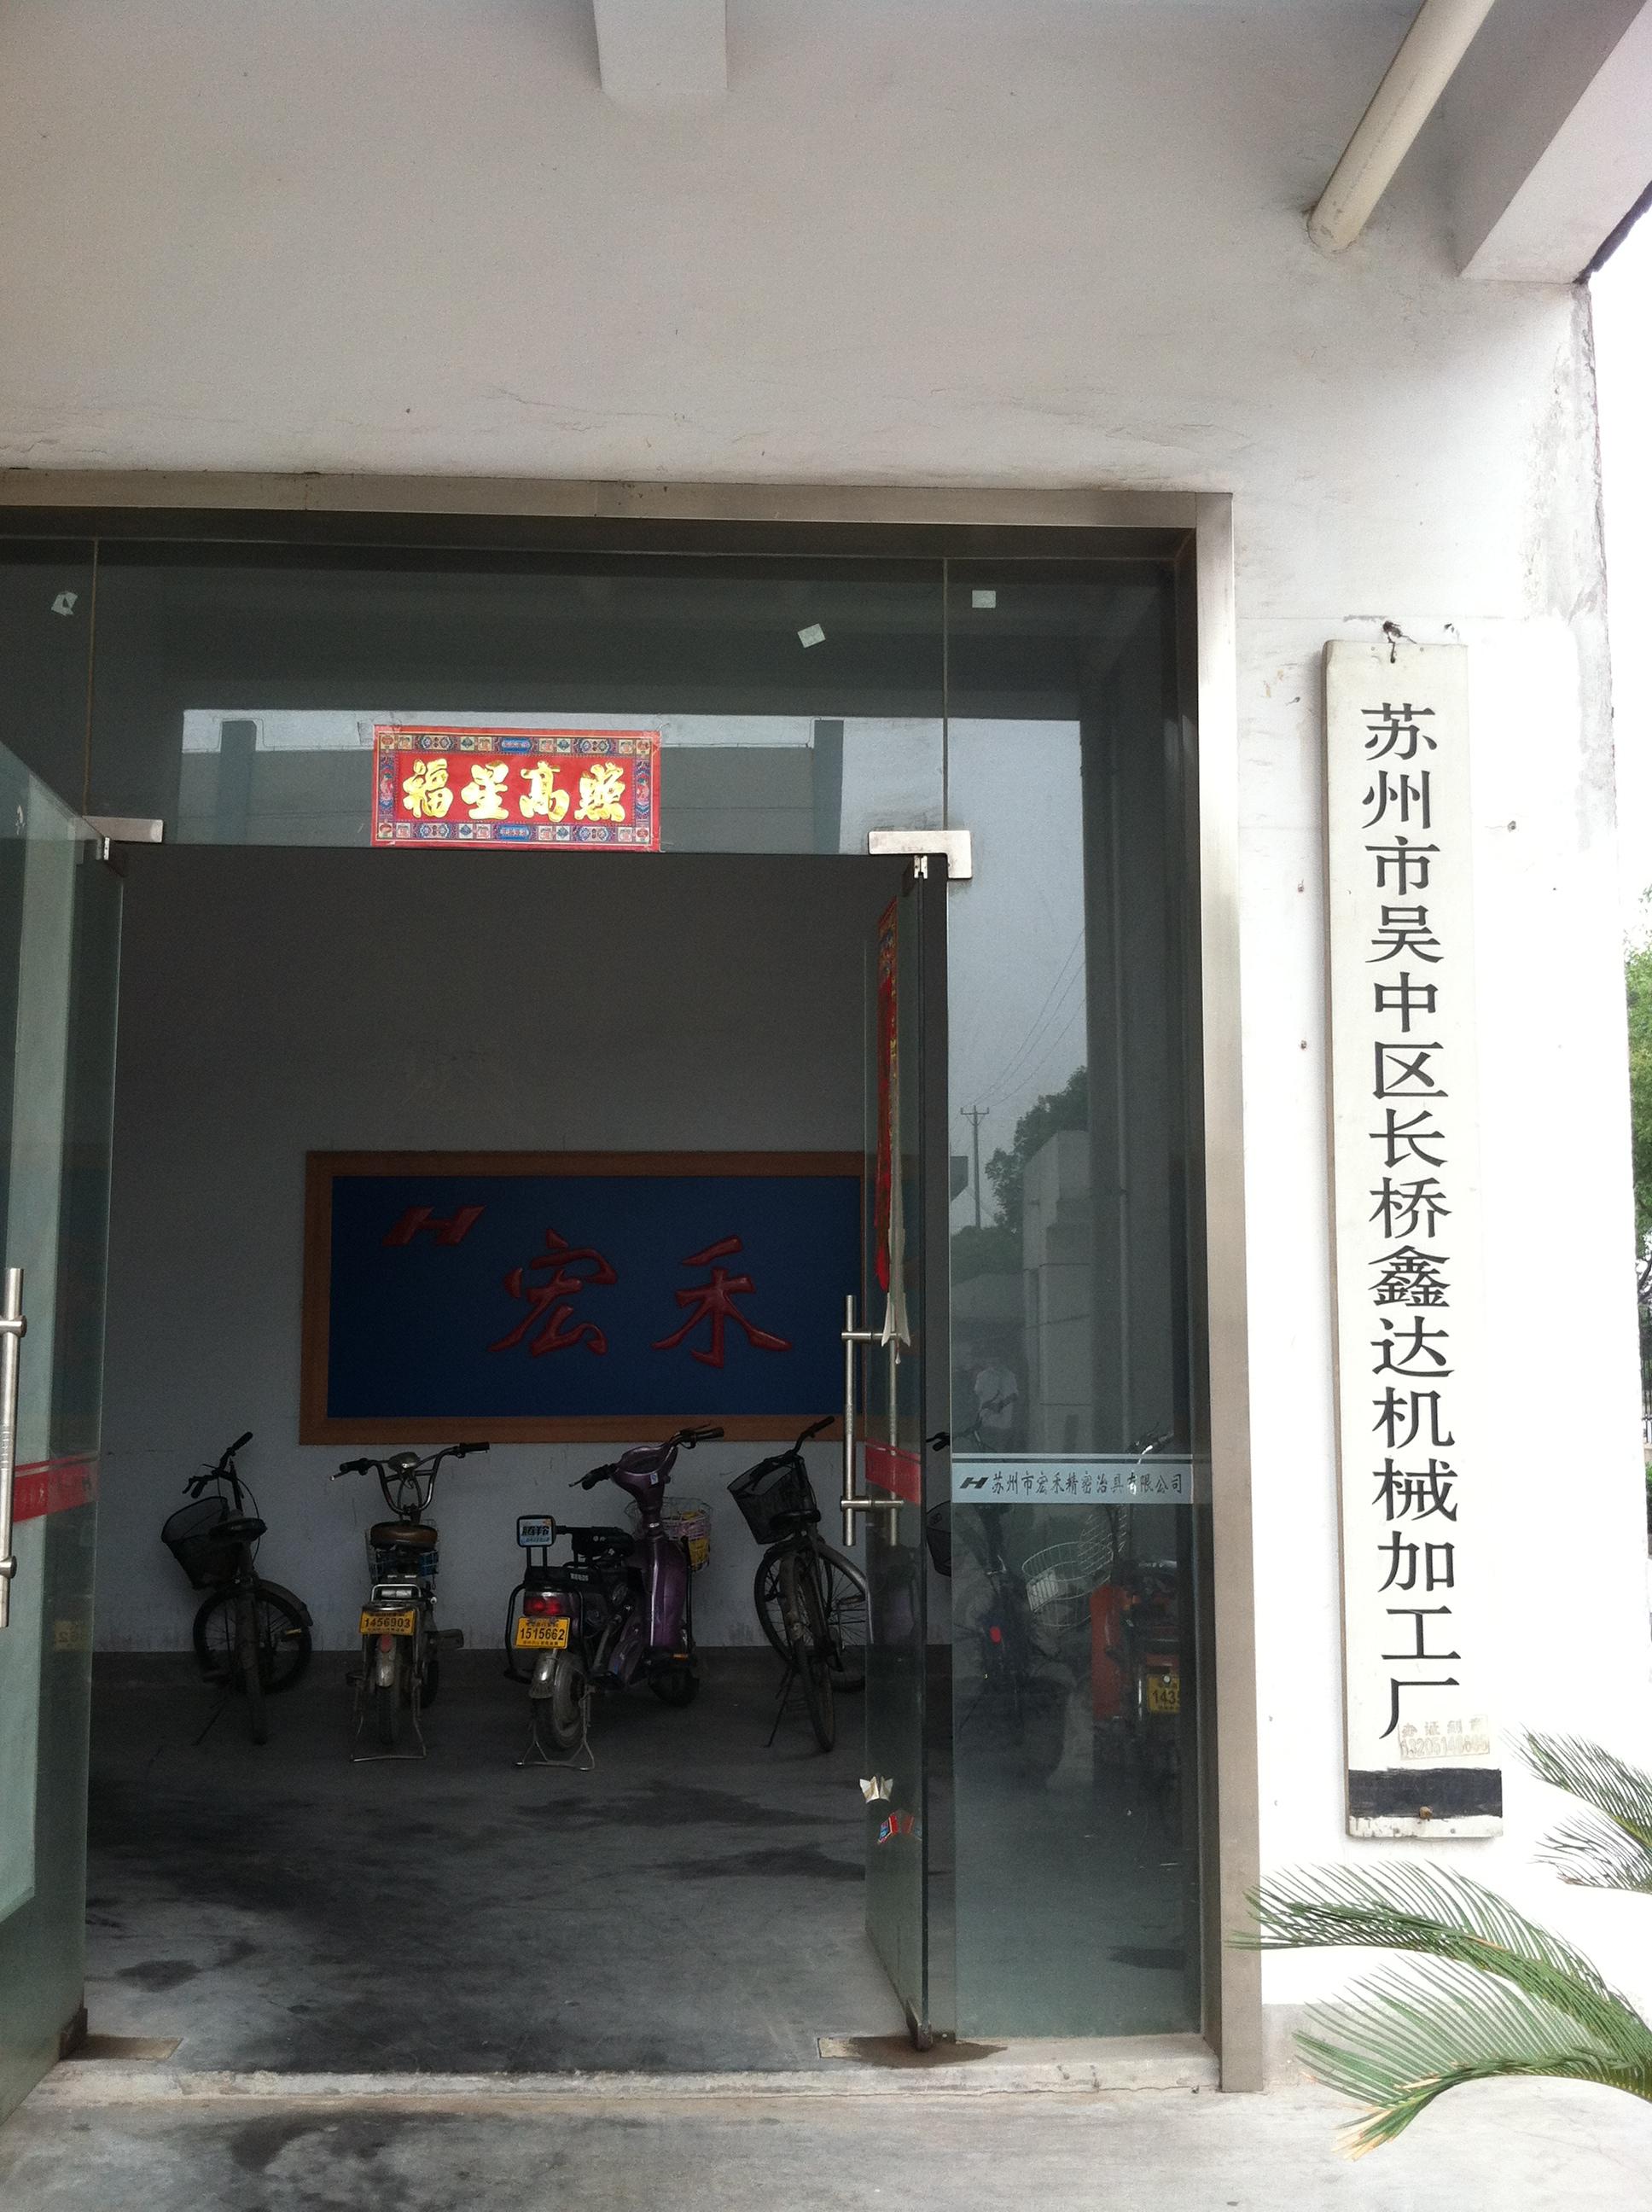 苏州市吴中区鑫达机械加工亚博娱乐官方网首页